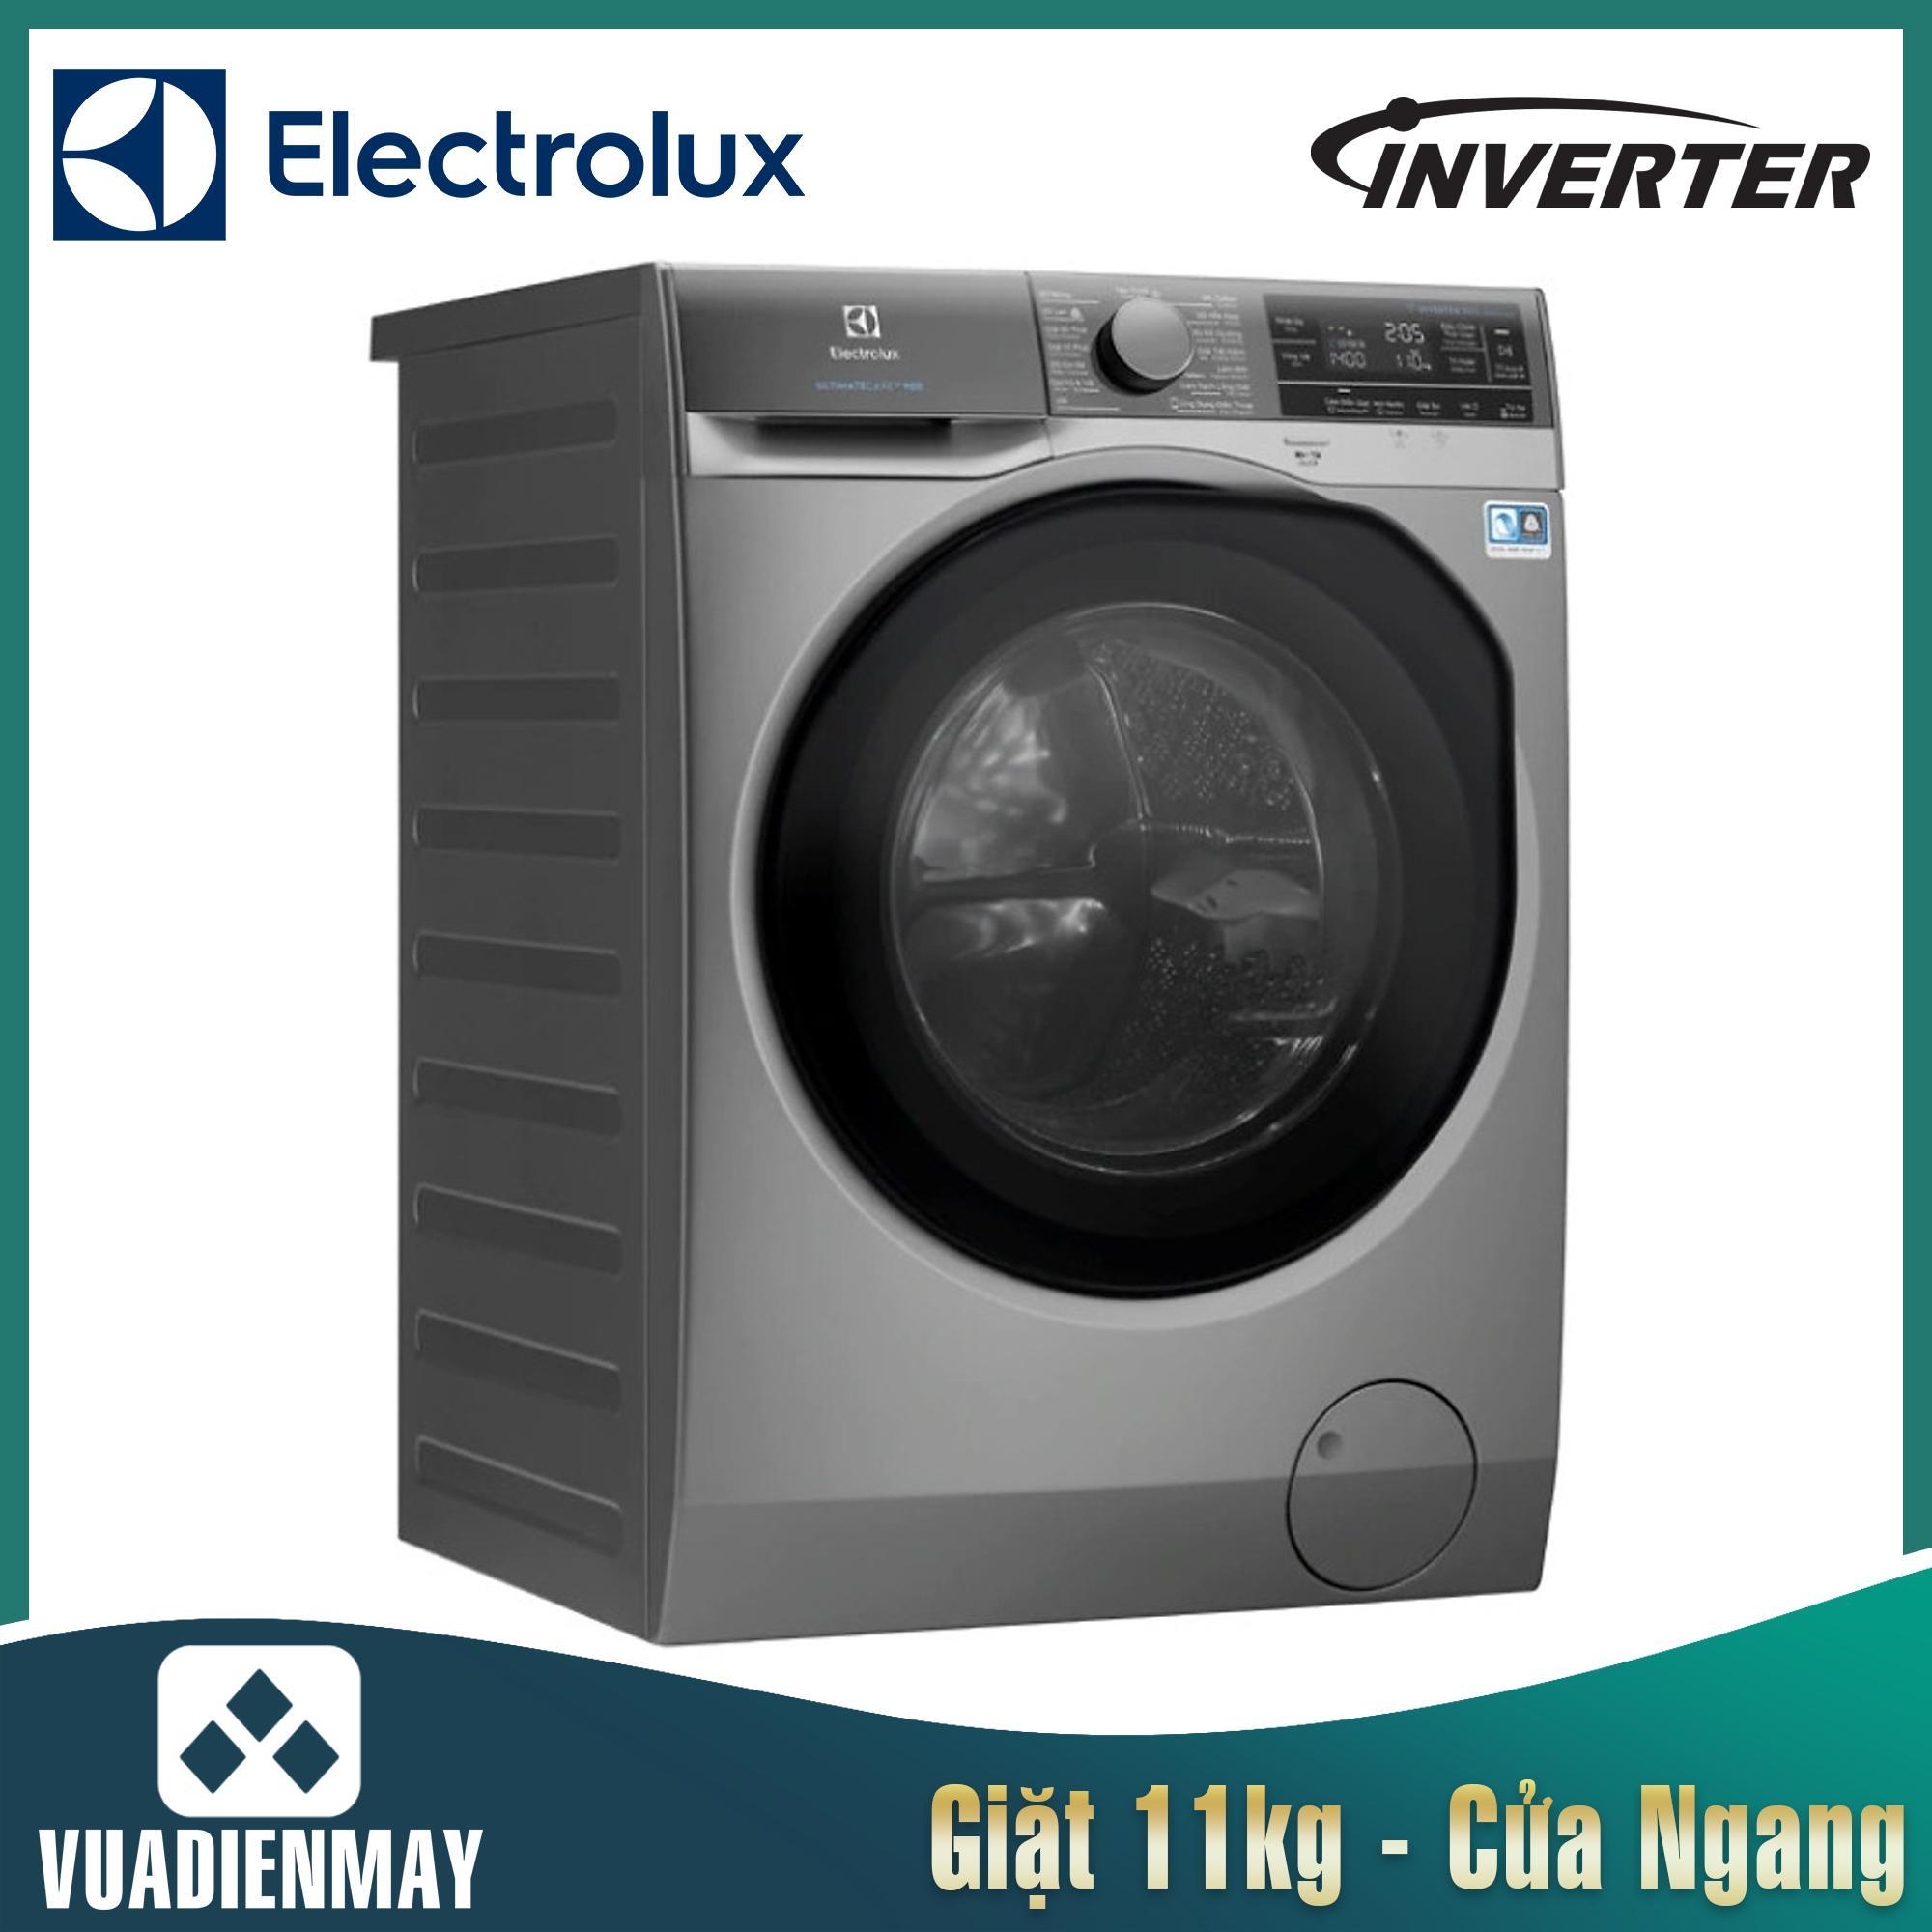 Máy giặt Electrolux 11 kg inverter lồng ngang 1141